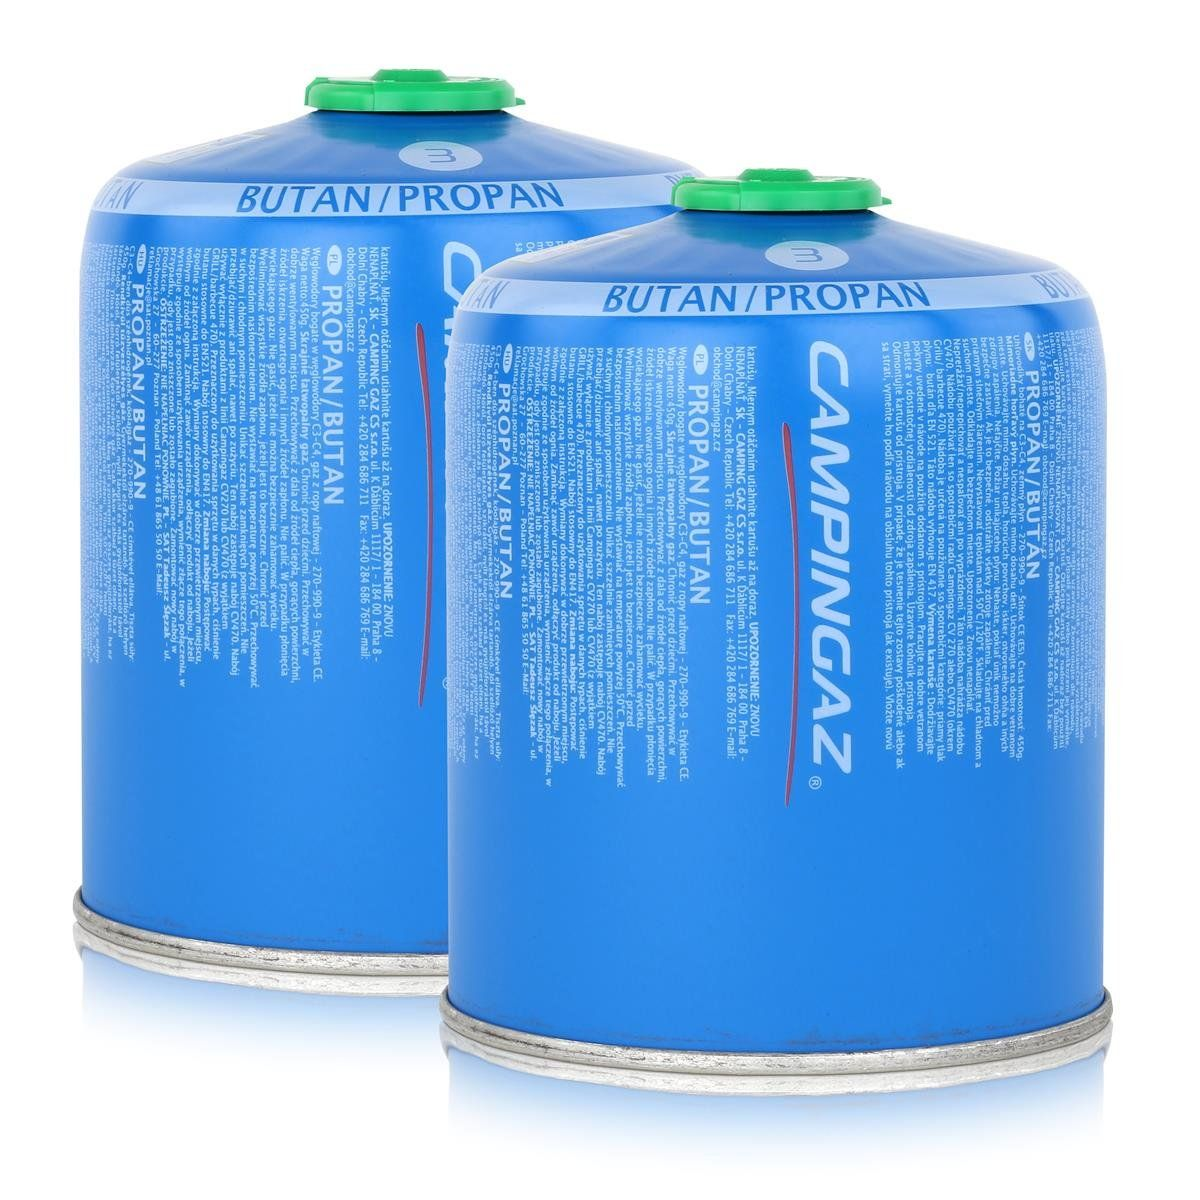 Campingaz Ventil Gaskartusche Cv470 Plus 450g Butan Propan Gas 2er Pack Propan Sicherheitsventil Grill Zubehor